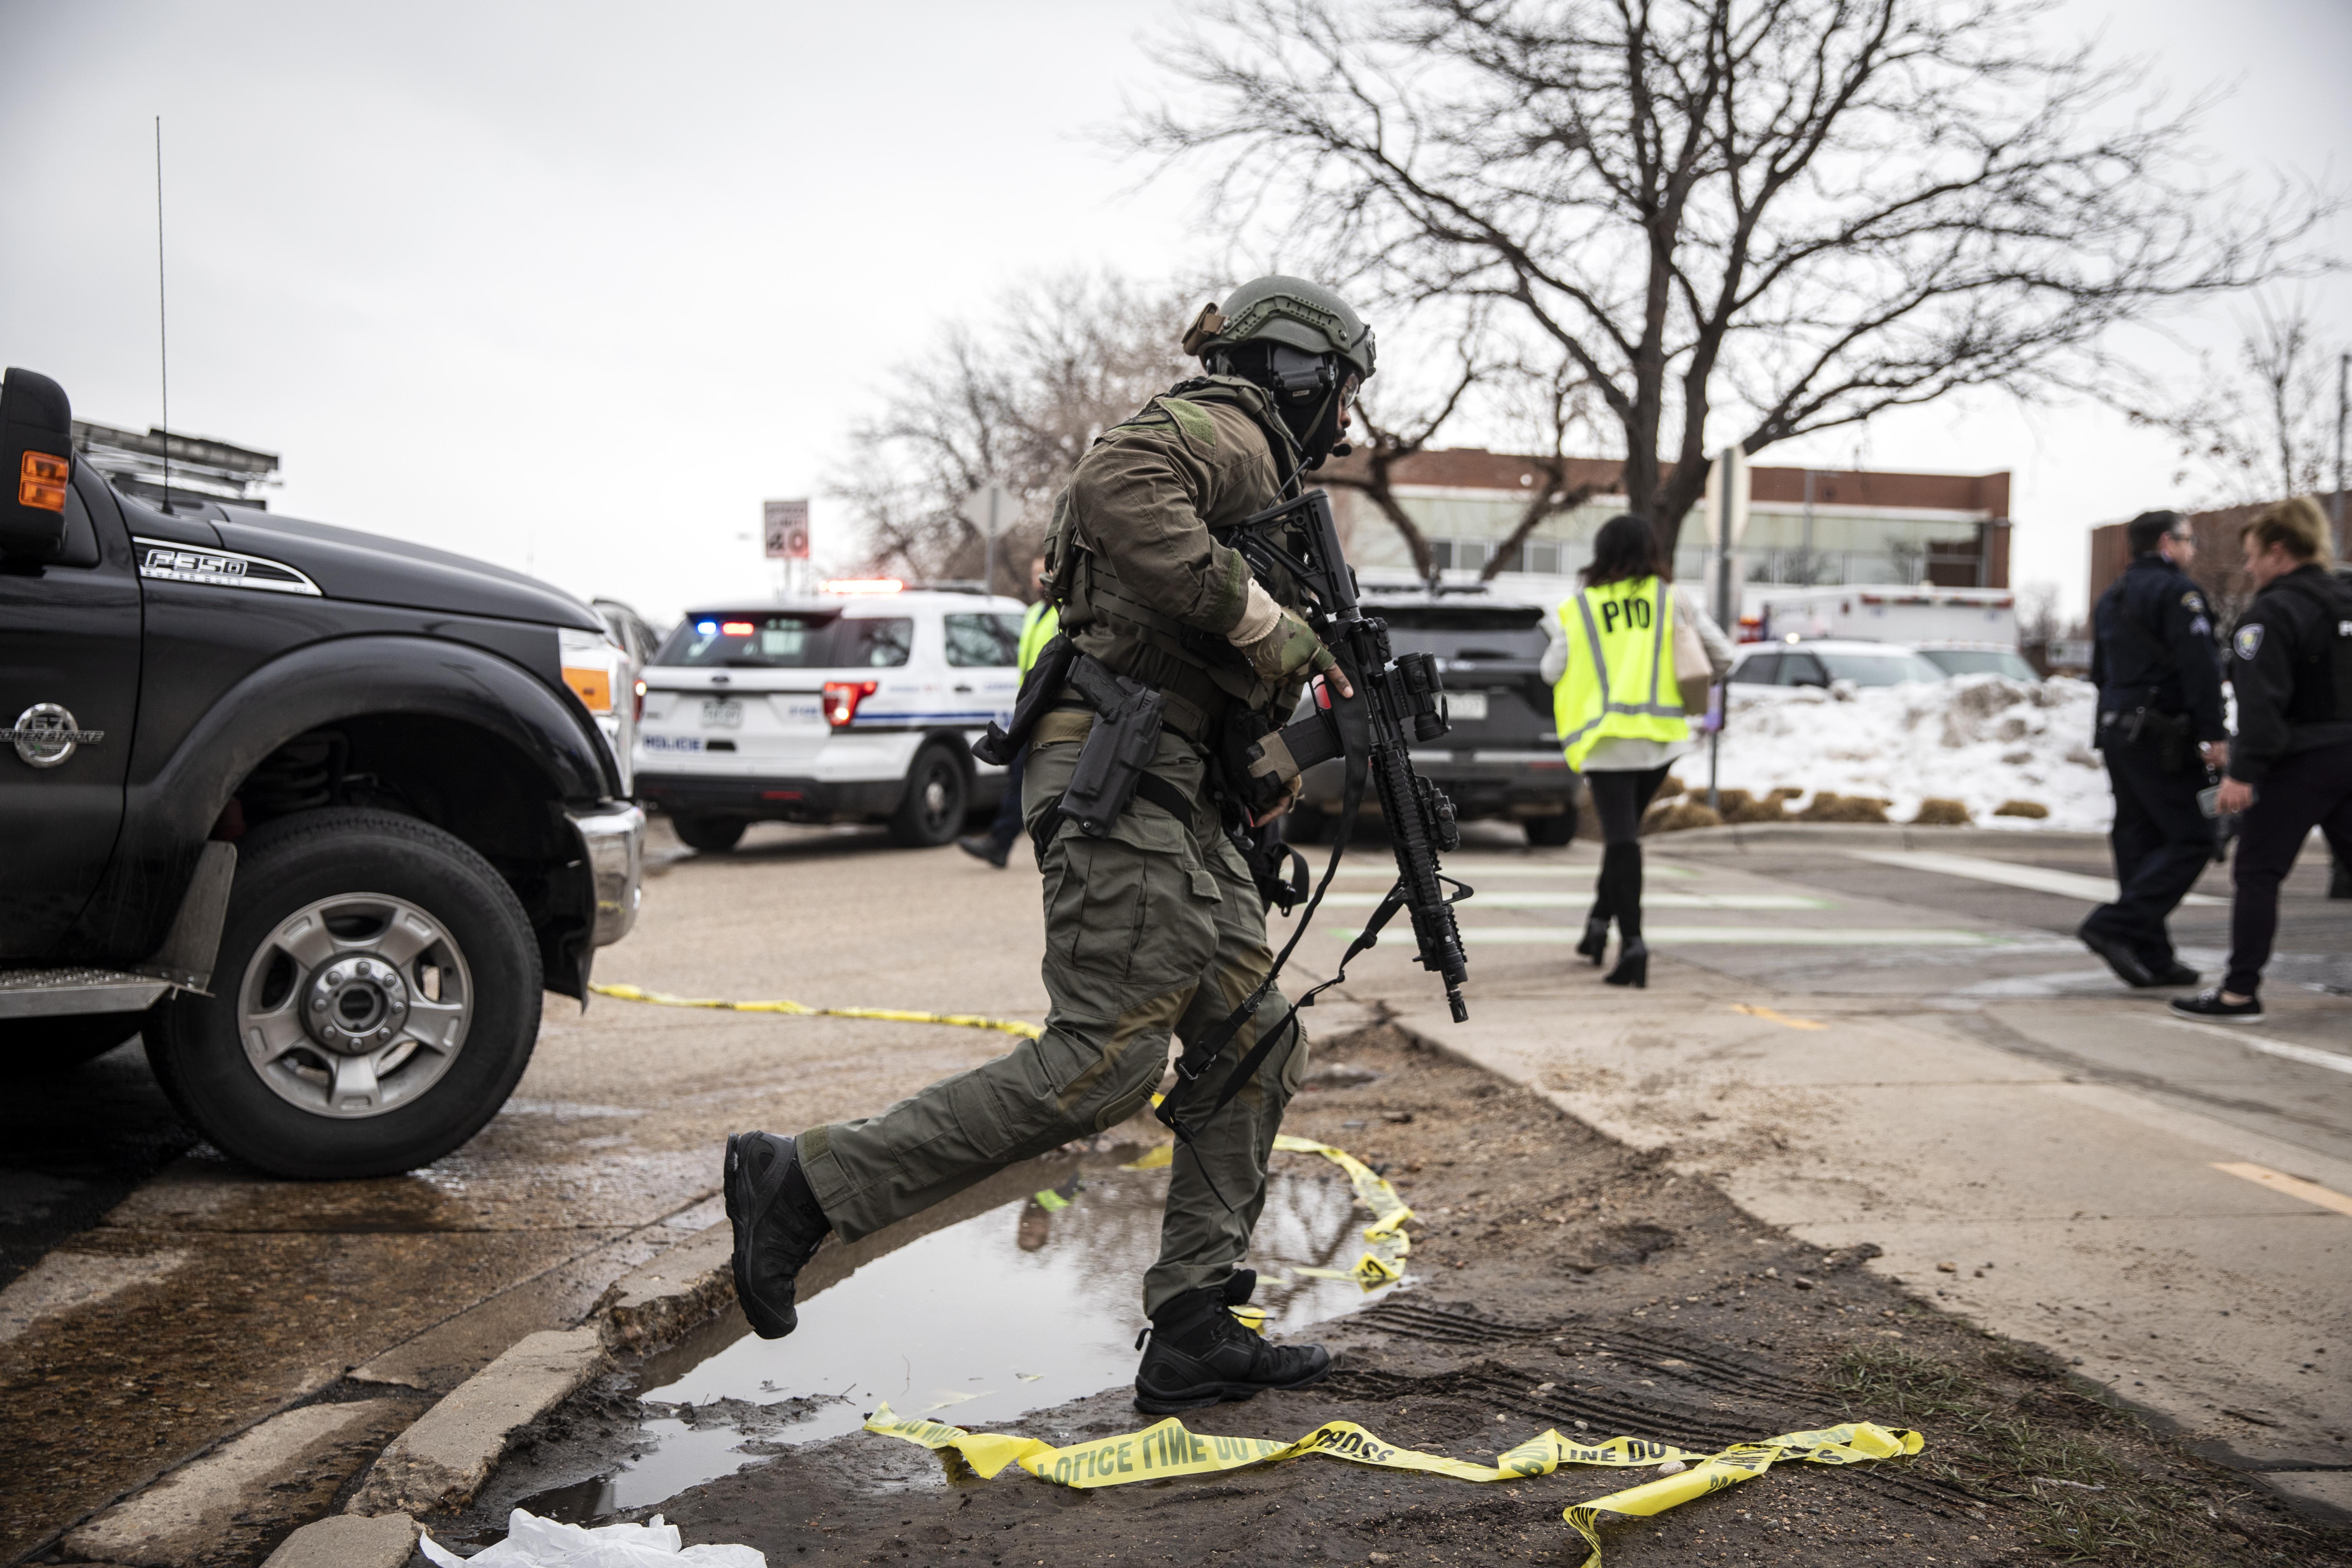 콜로라도 슈퍼마켓에서 여러 사람이 살해 된 후 구금 된 용의자